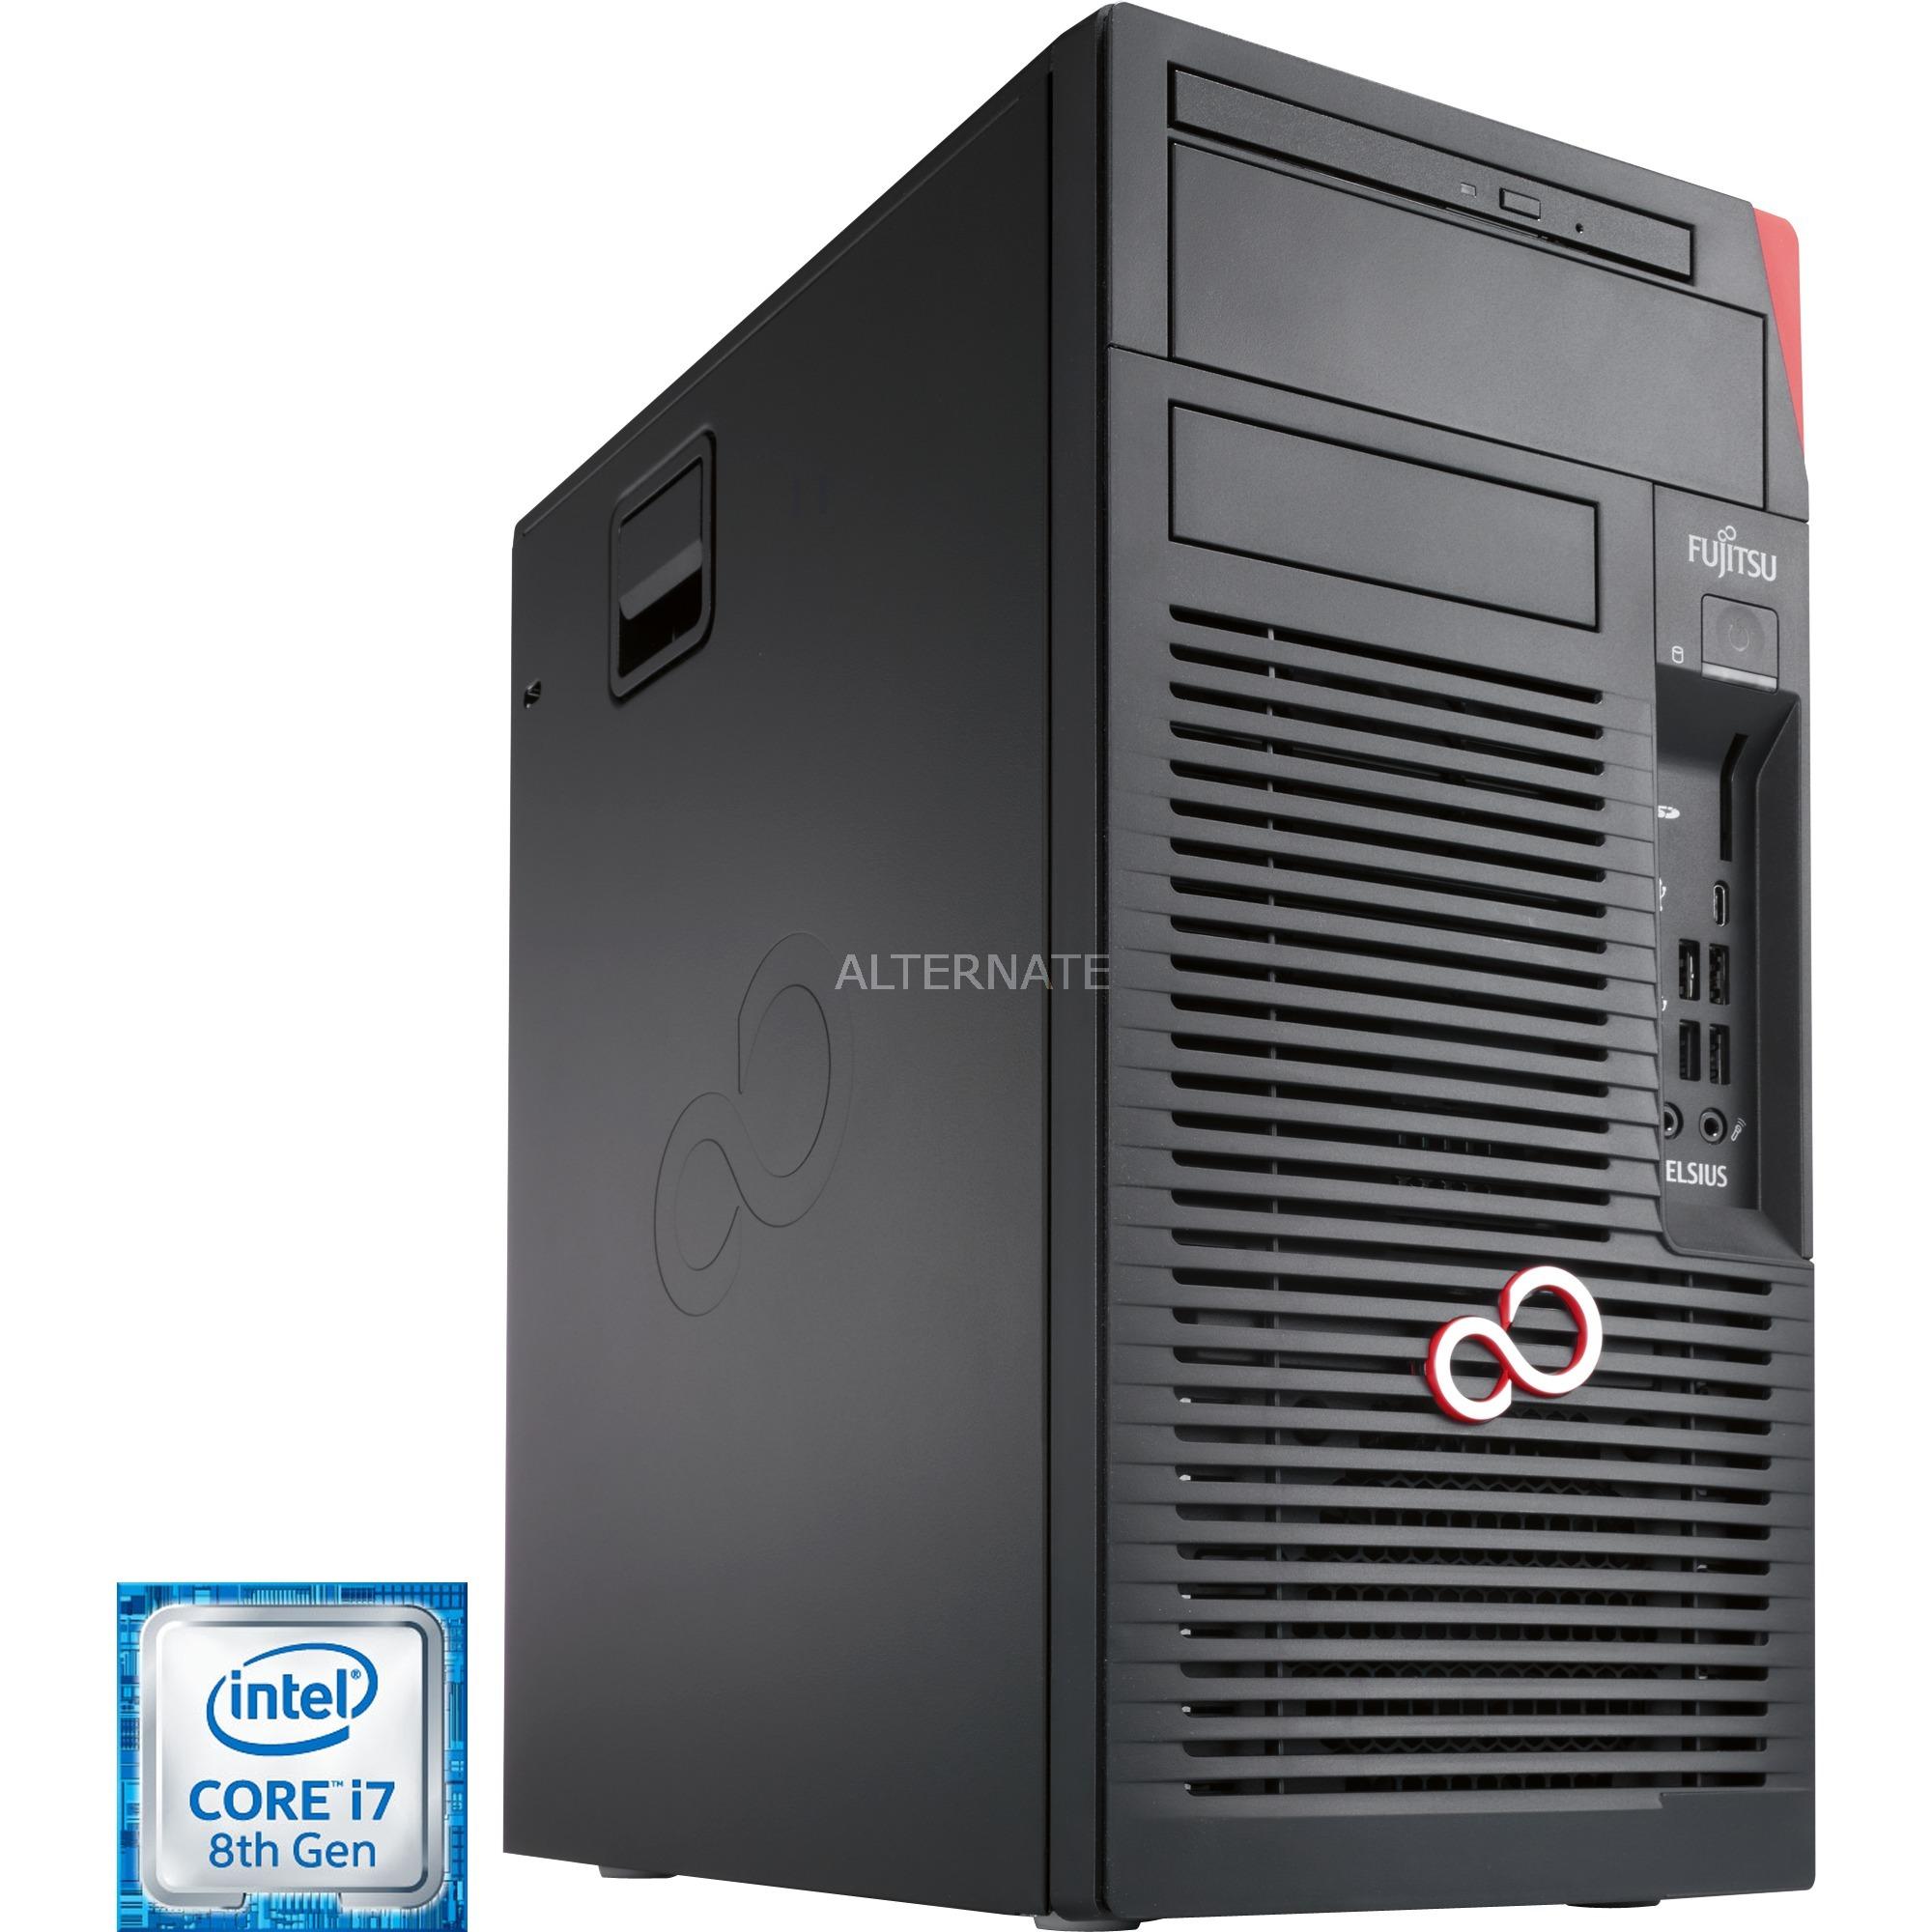 CELSIUS W580 3,2 GHz 8ª generación de procesadores Intel Core i7 i7-8700 Negro Torre Puesto de trabajo, PC completo